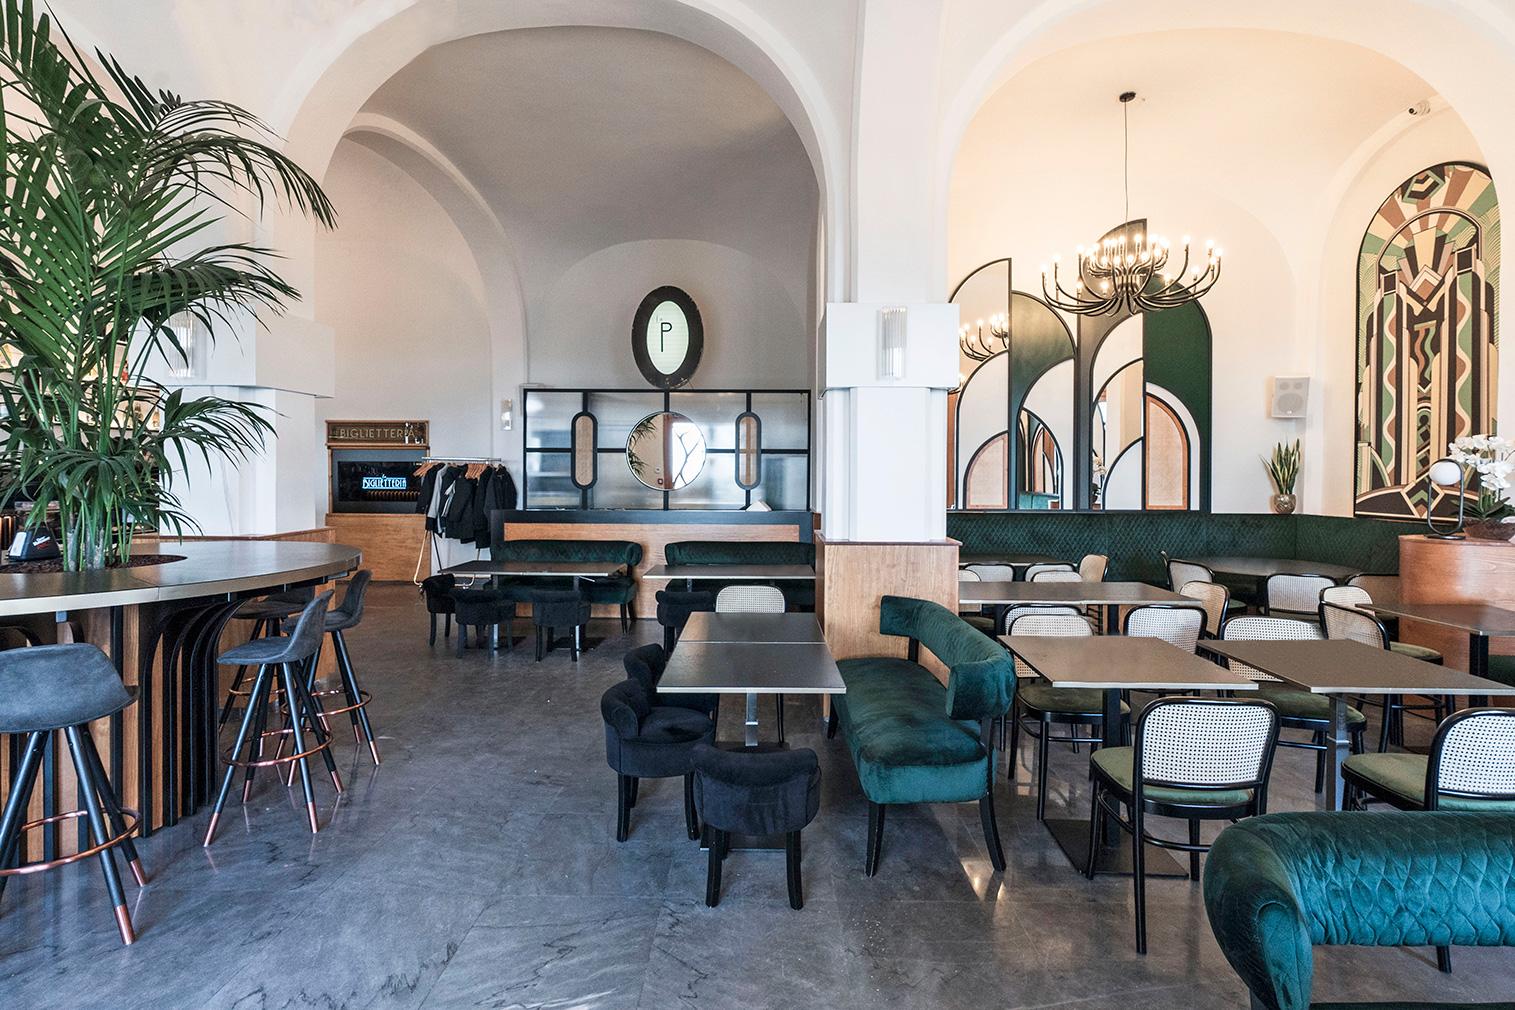 A box office is reborn as 'New Deco' restaurant La Biglietteria in Bari